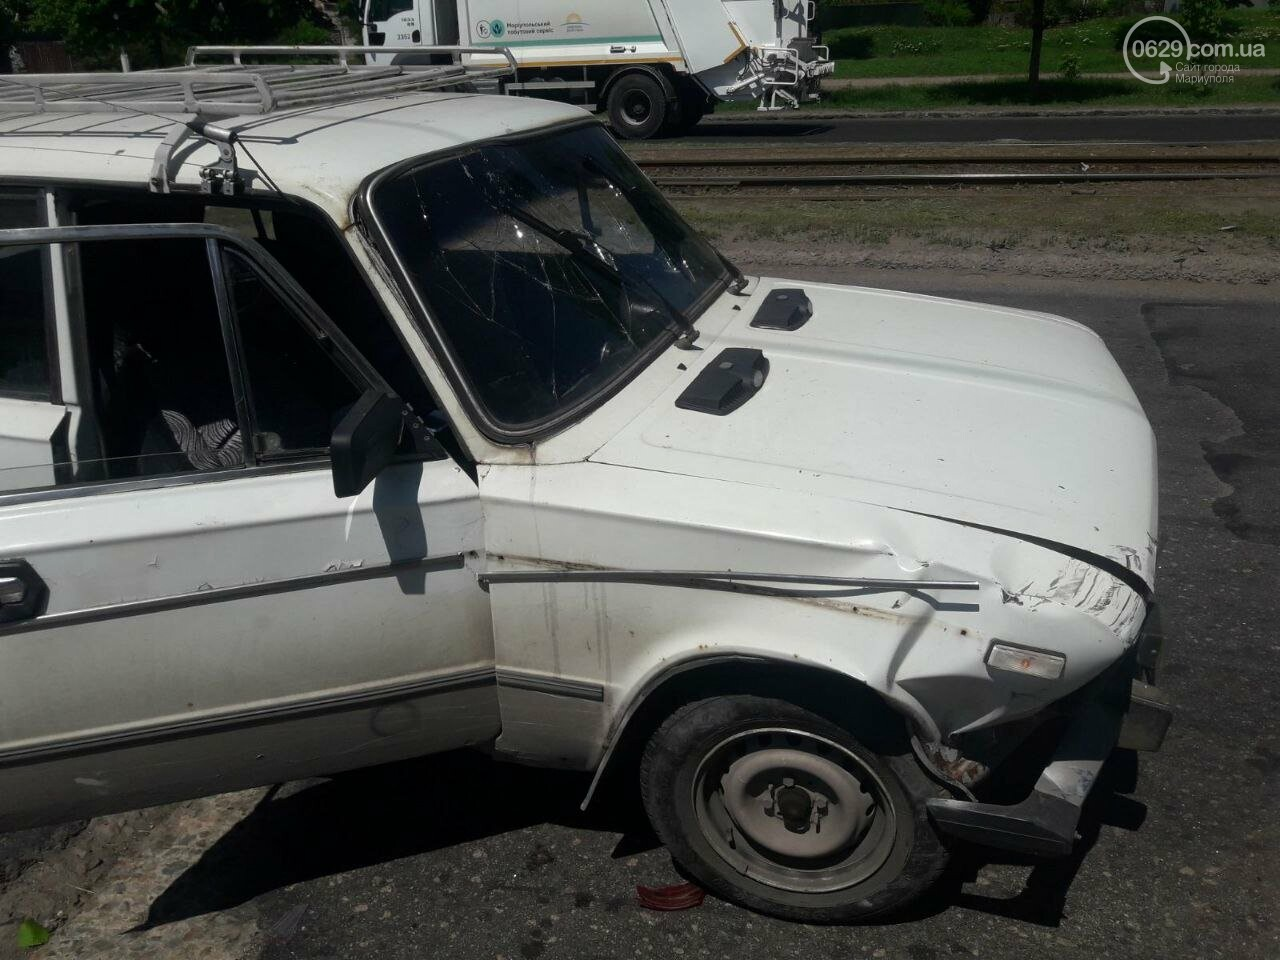 """В 11 раз больше! В Мариуполе пьяный водитель """"Жигули"""" протаранил 3 автомобиля, - ФОТО, фото-5"""